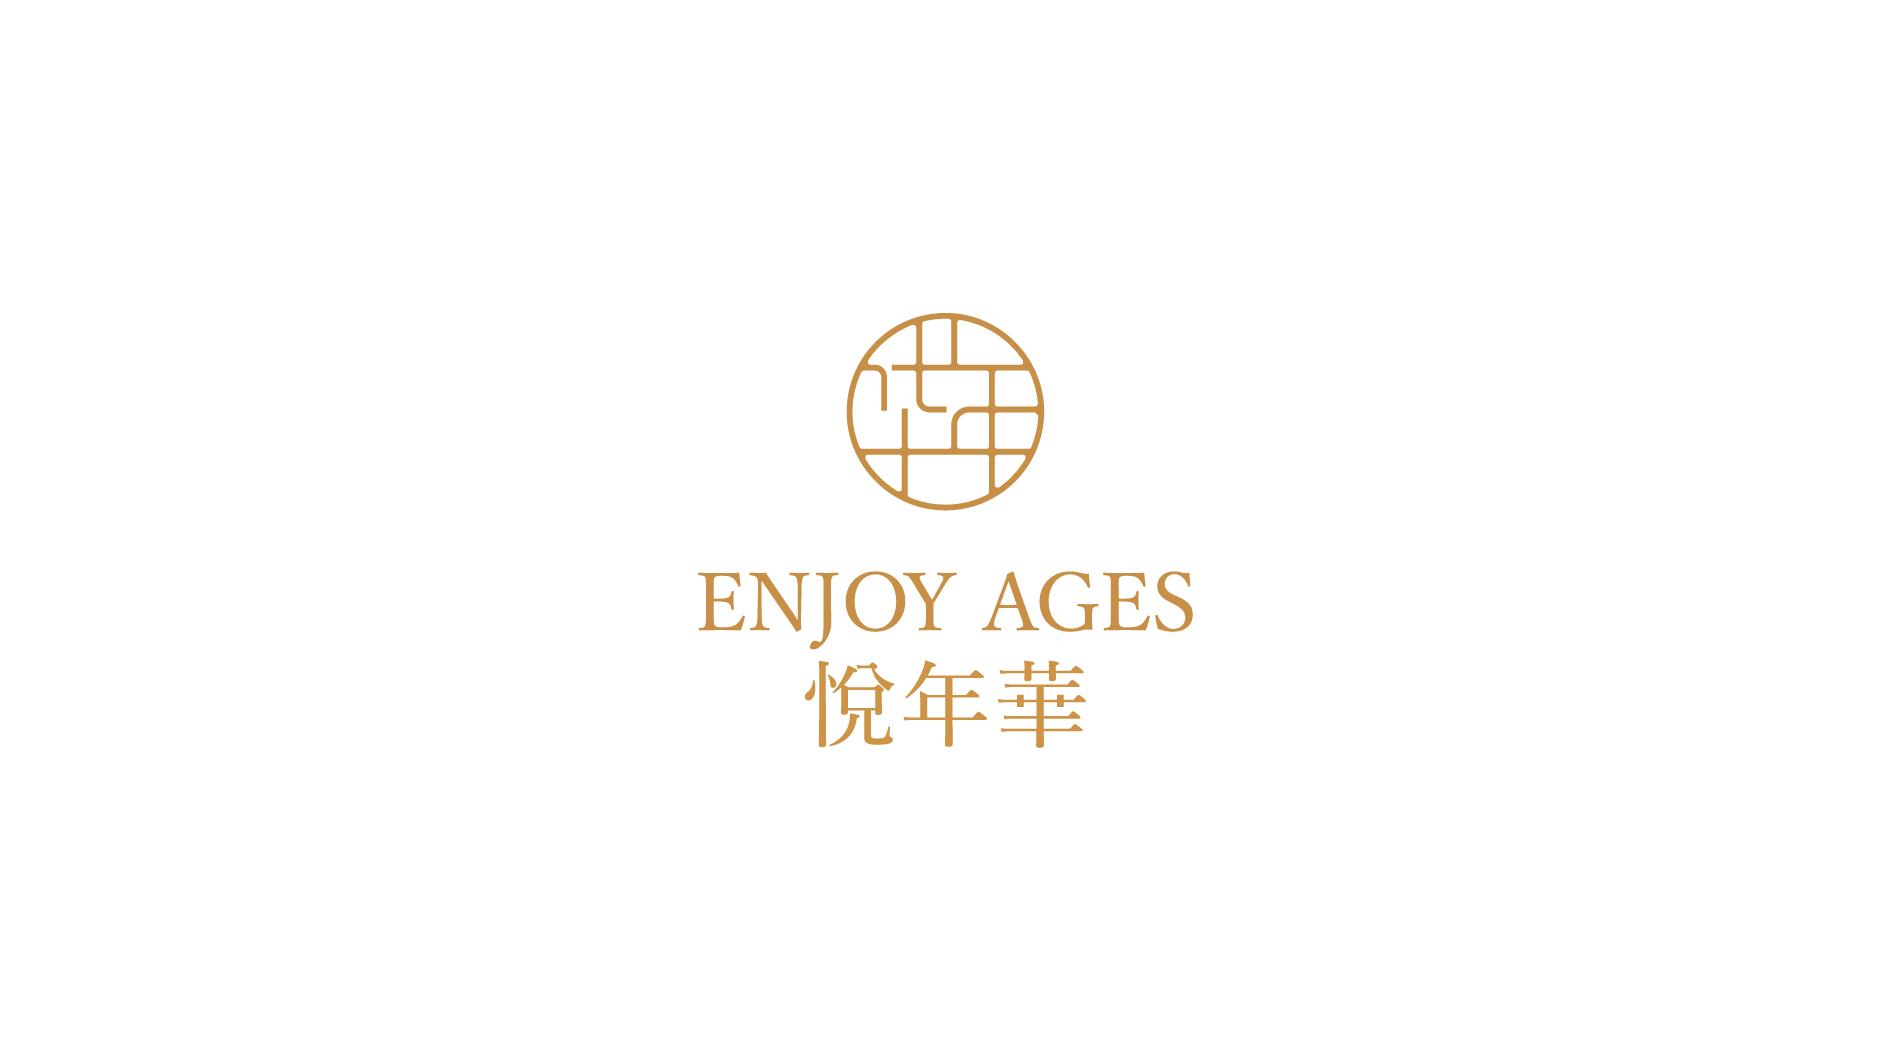 华润置地悦年华-2018中国国际福祉博览会暨中国国际康复博览会